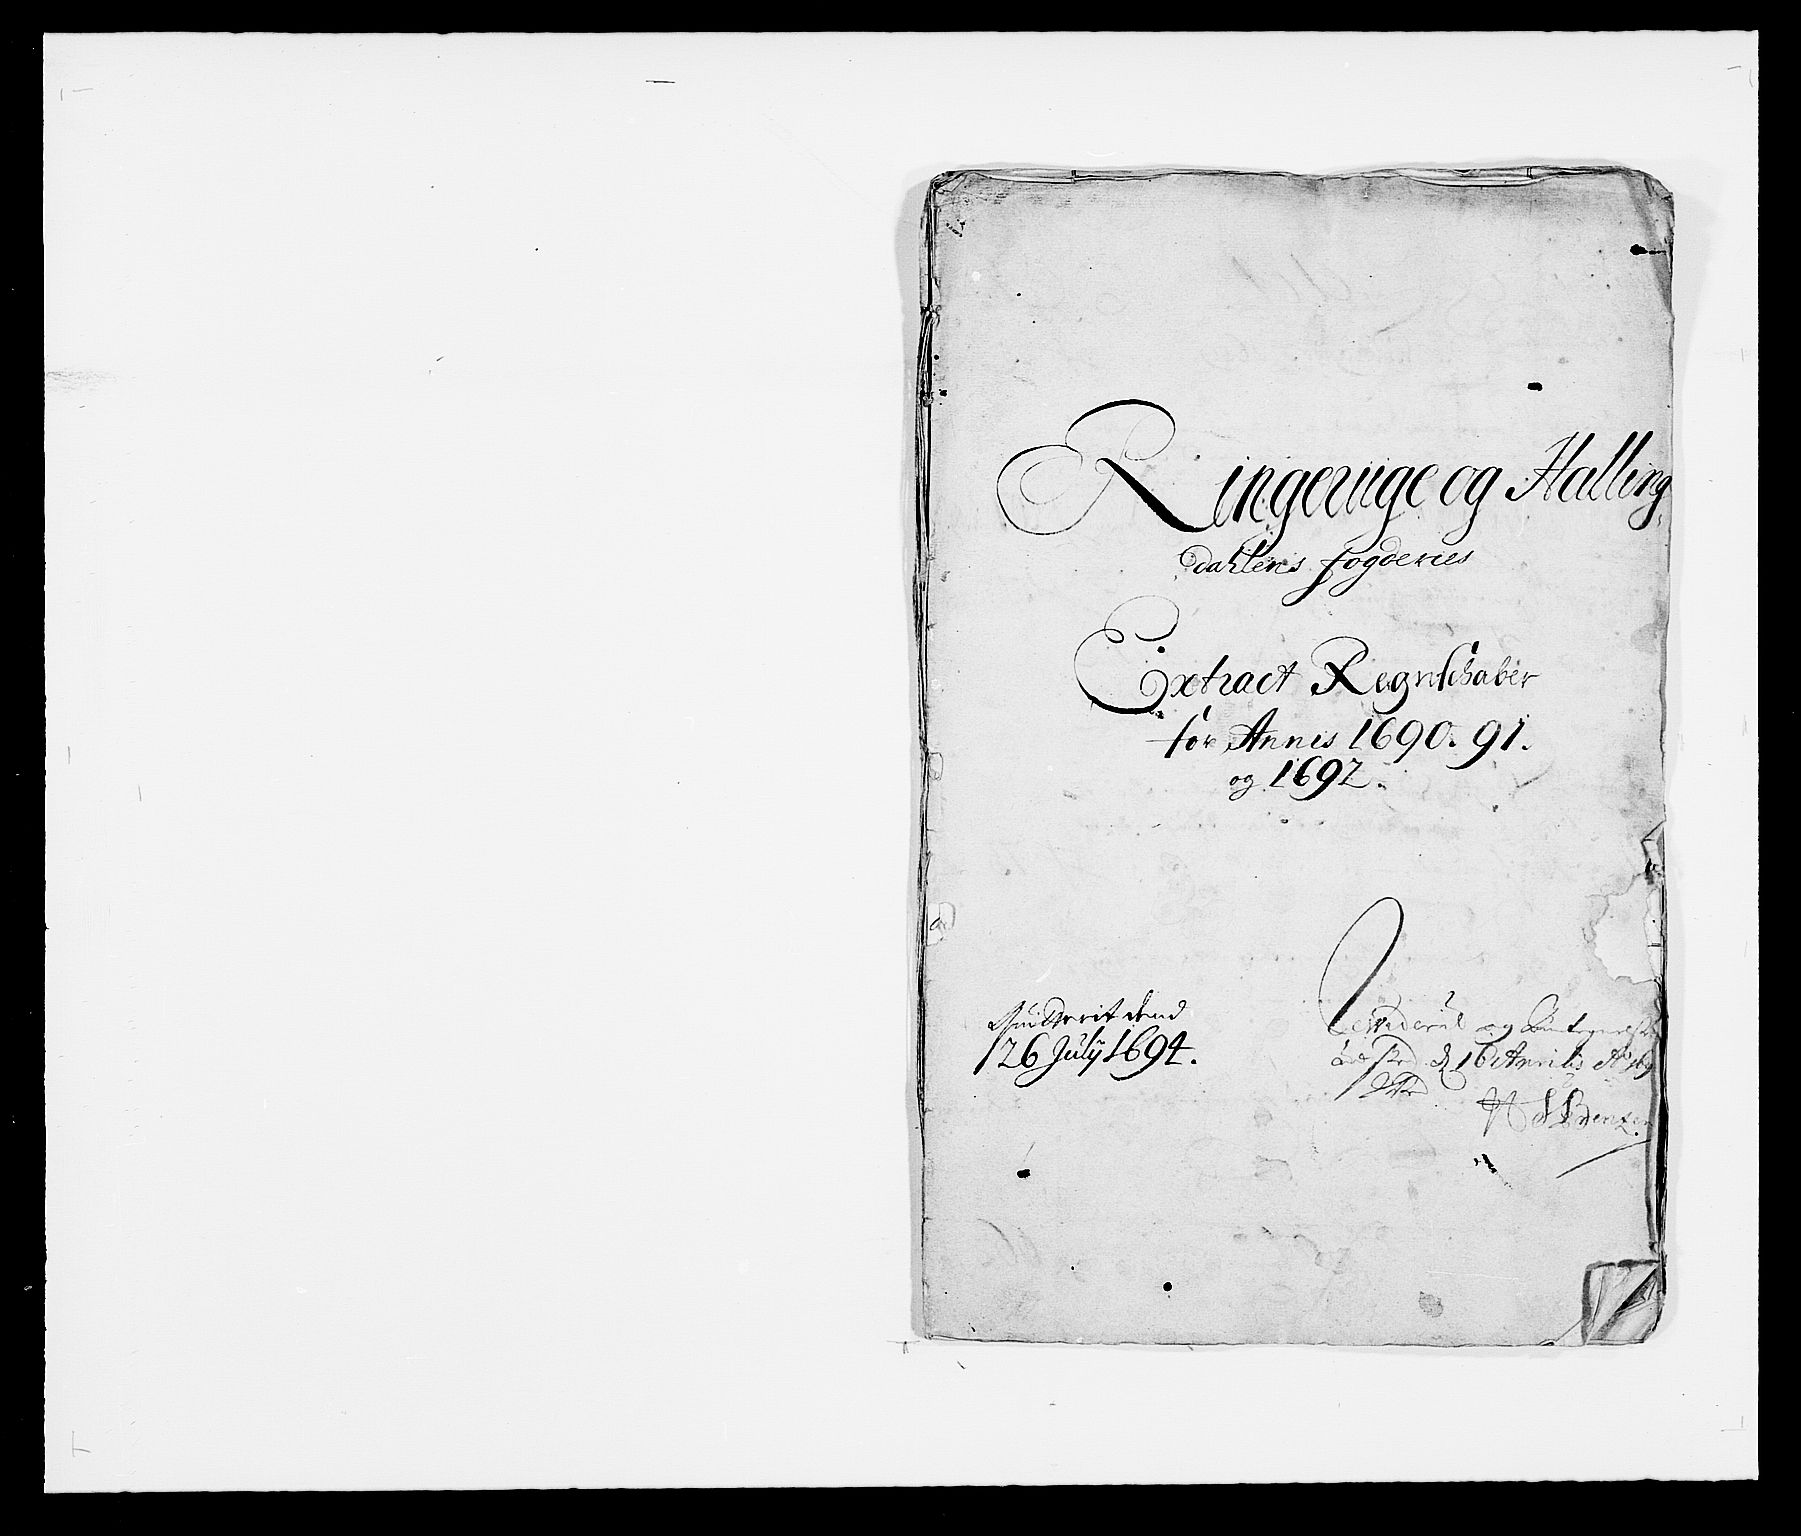 RA, Rentekammeret inntil 1814, Reviderte regnskaper, Fogderegnskap, R21/L1448: Fogderegnskap Ringerike og Hallingdal, 1690-1692, s. 1